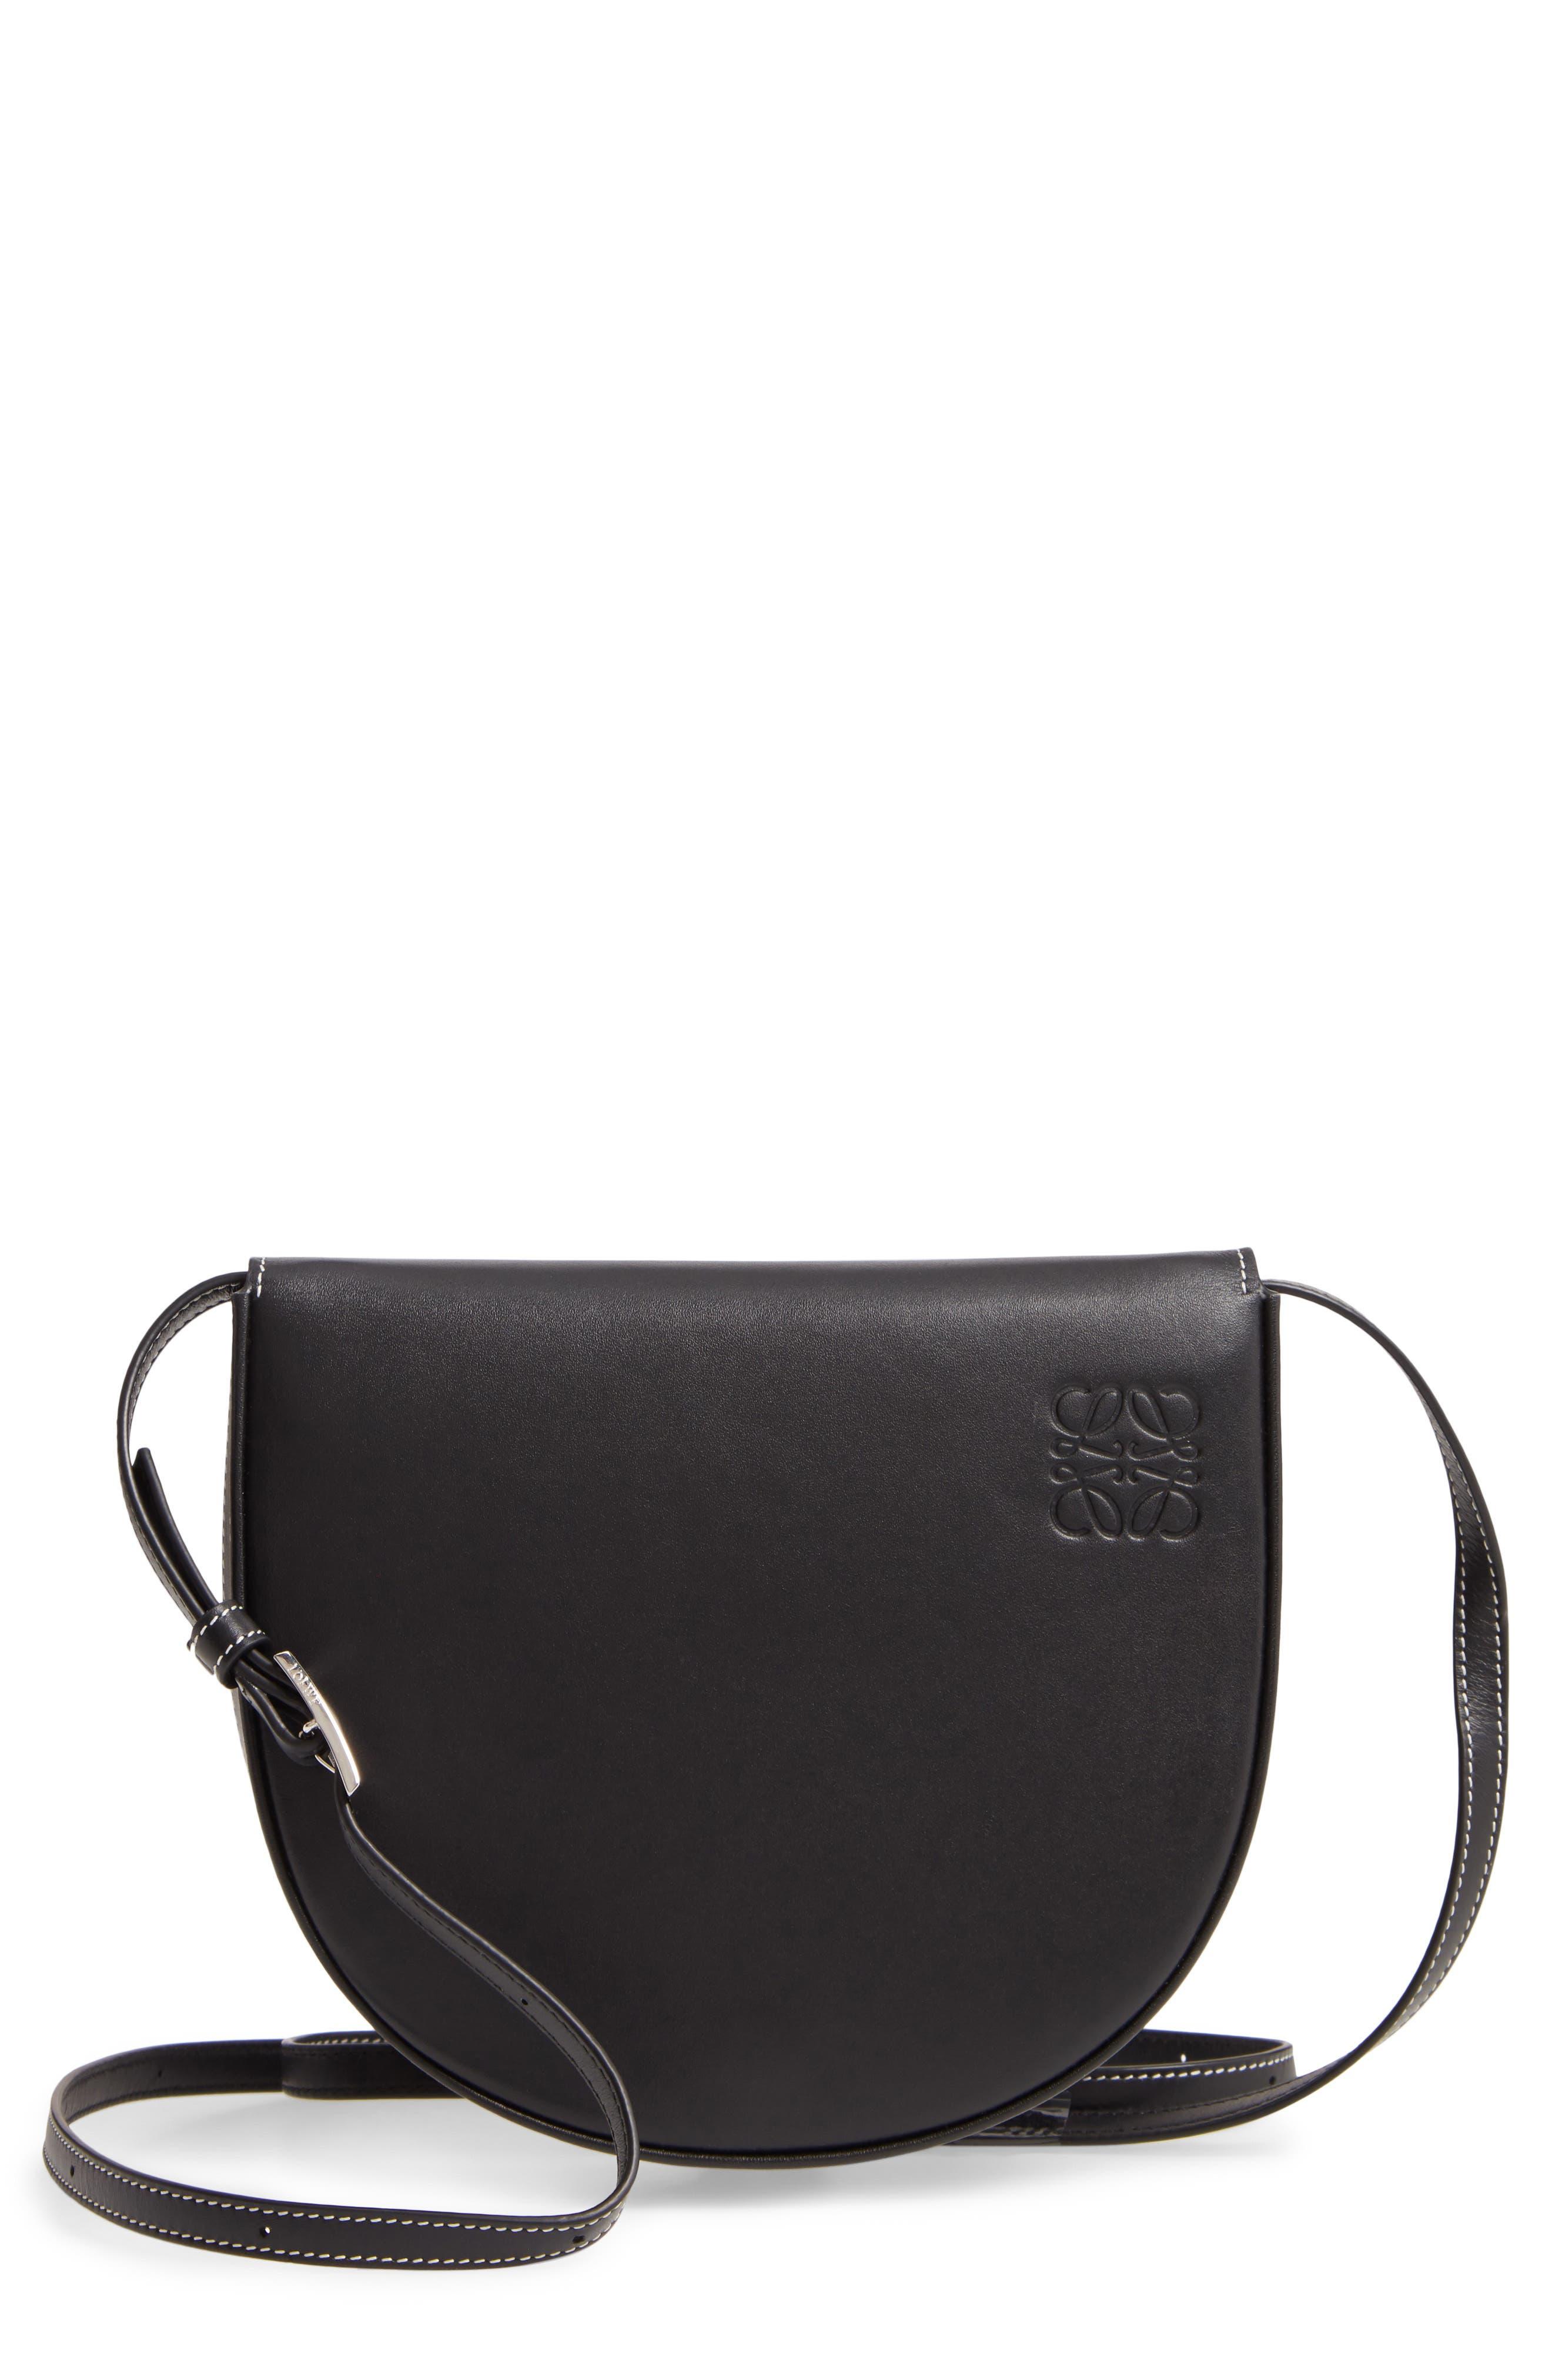 Loewe Mini Heel Leather Bag   Nordstrom